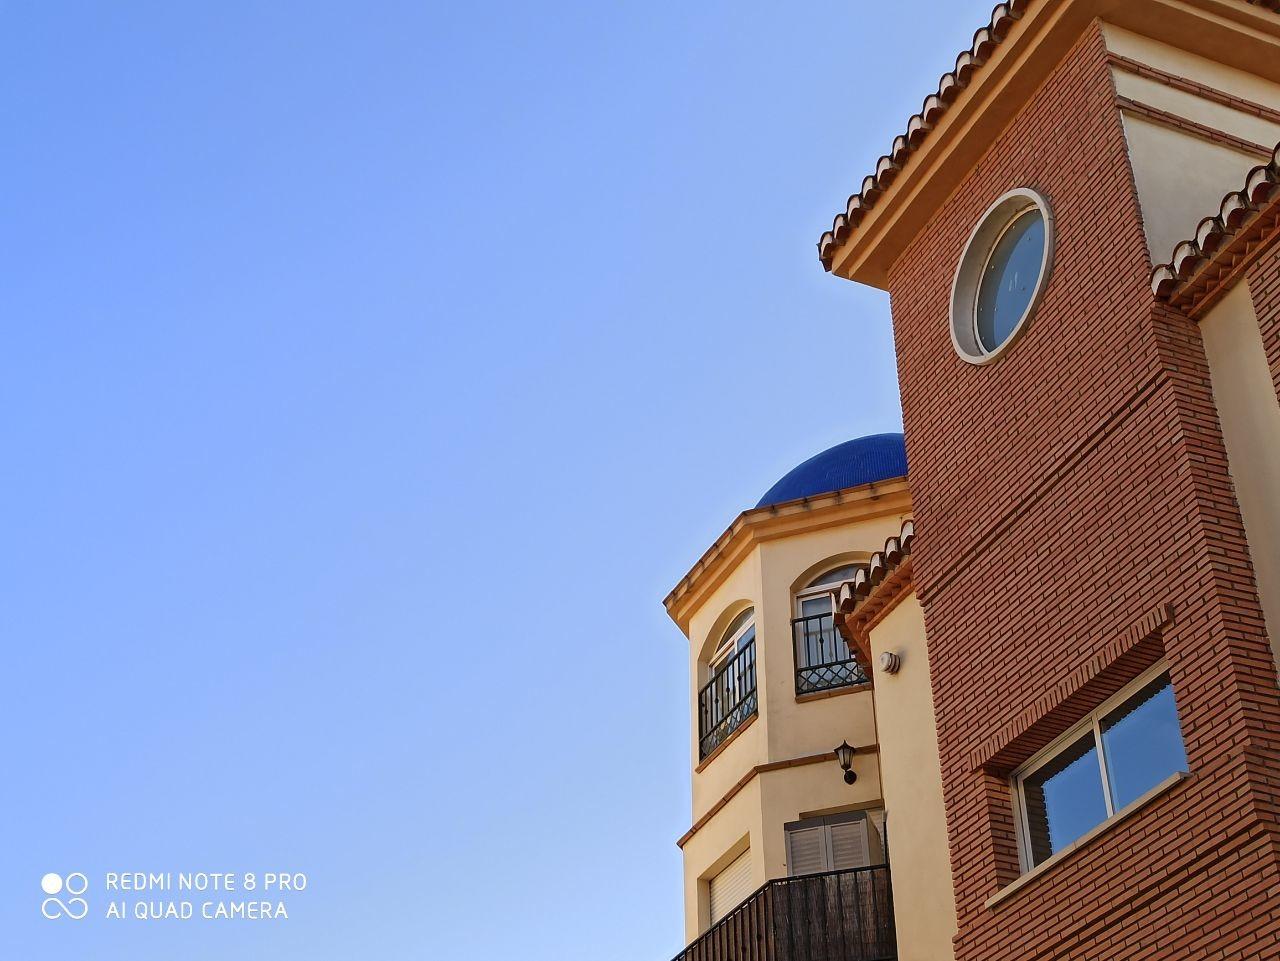 Foto de Galería de fotos tomadas con el Redmi Note 8 Pro (5/27)